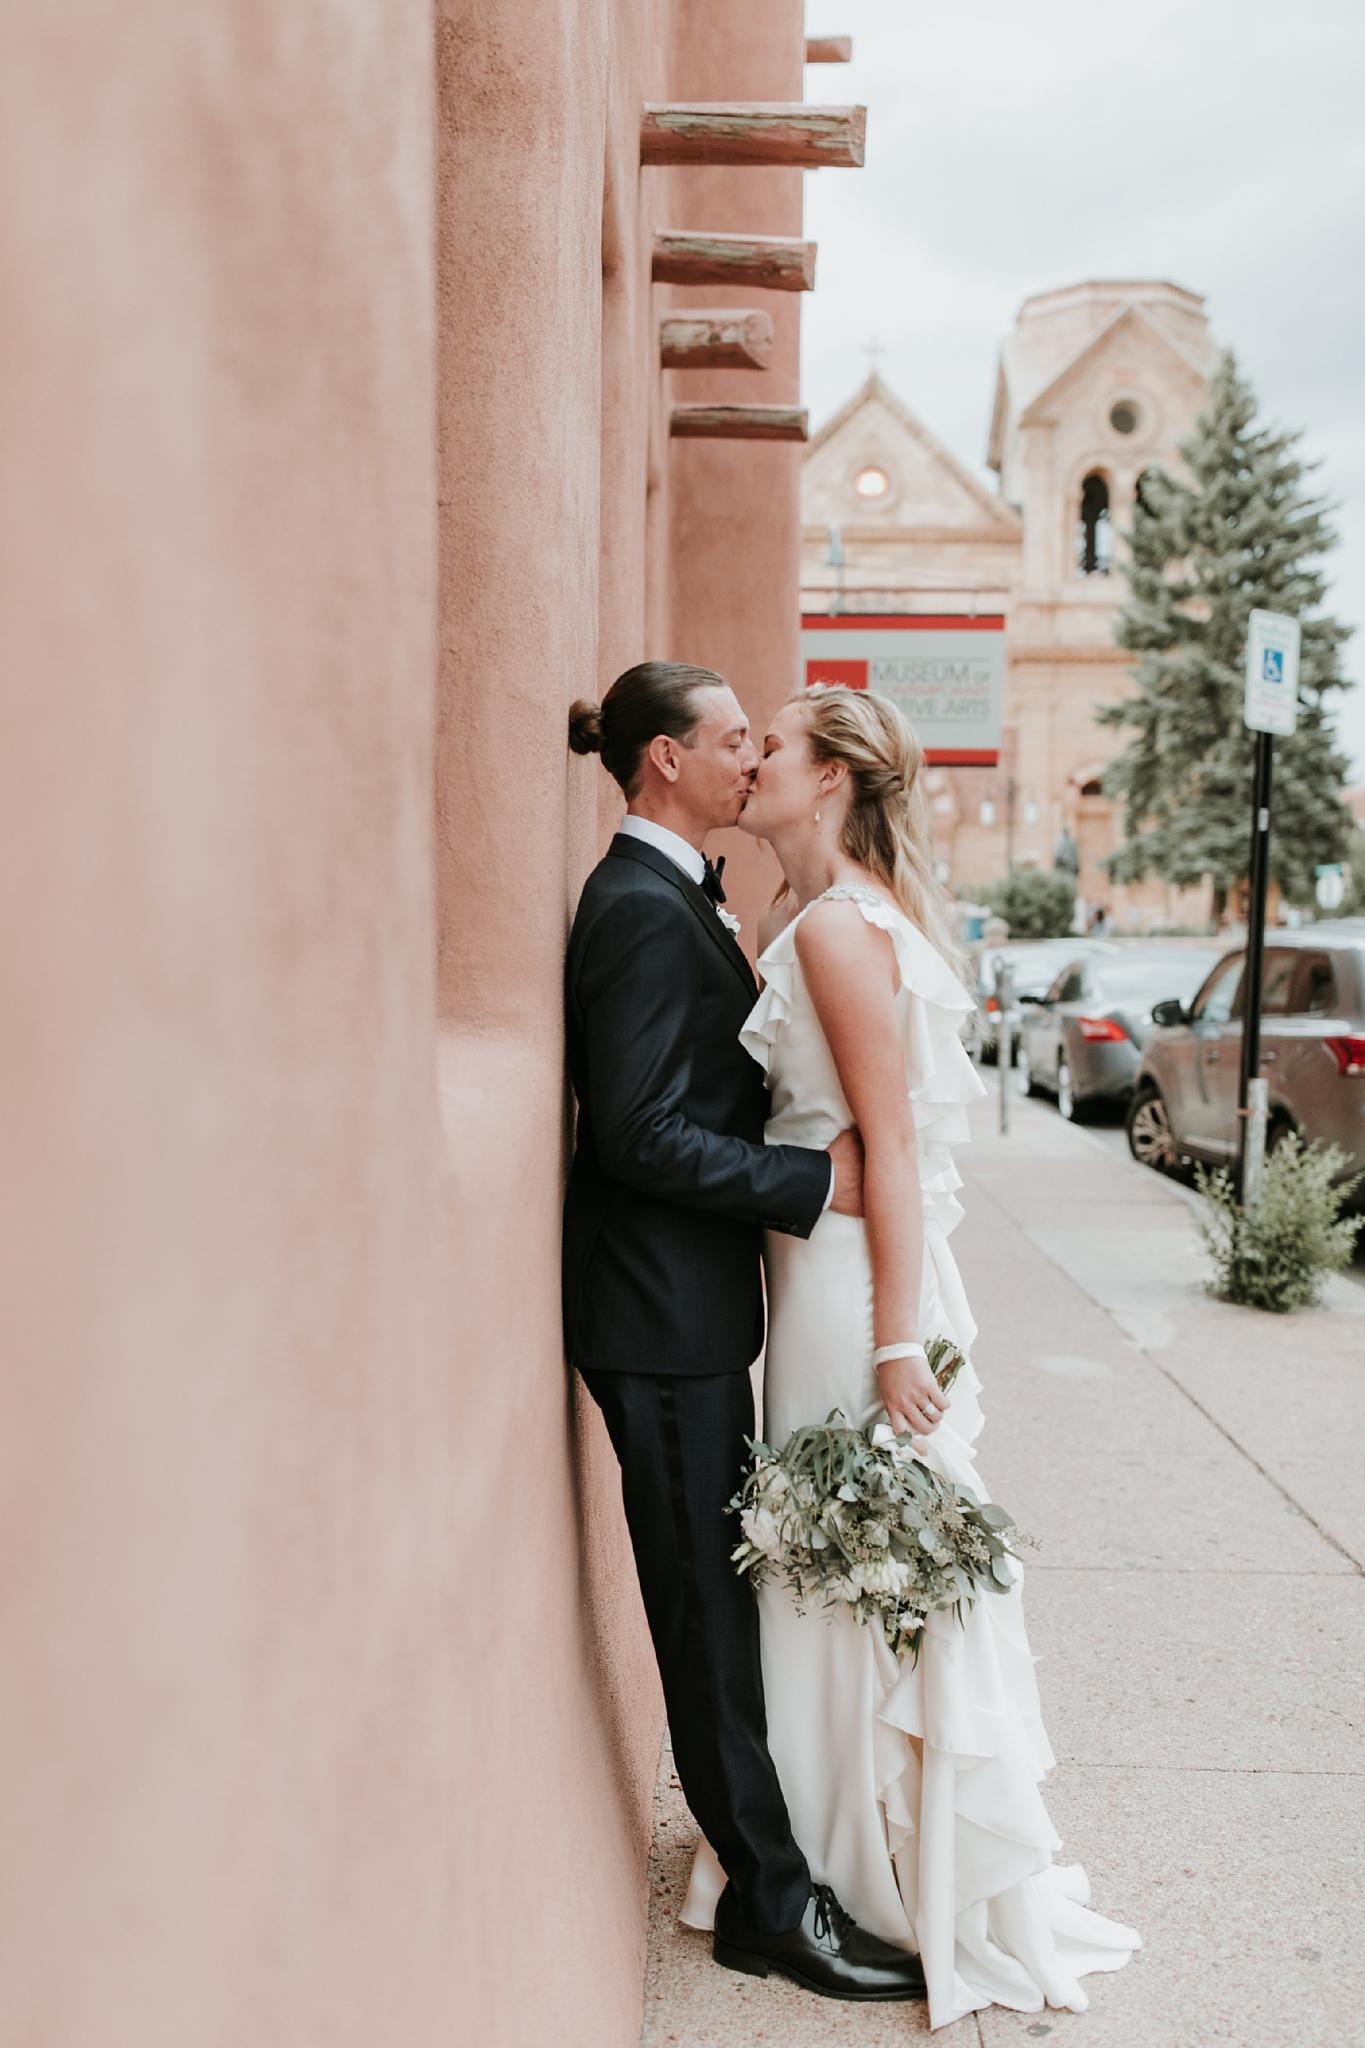 Alicia+lucia+photography+-+albuquerque+wedding+photographer+-+santa+fe+wedding+photography+-+new+mexico+wedding+photographer+-+new+mexico+wedding+-+albuquerque+wedding+-+santa+fe+wedding+-+wedding+romantics_0040.jpg